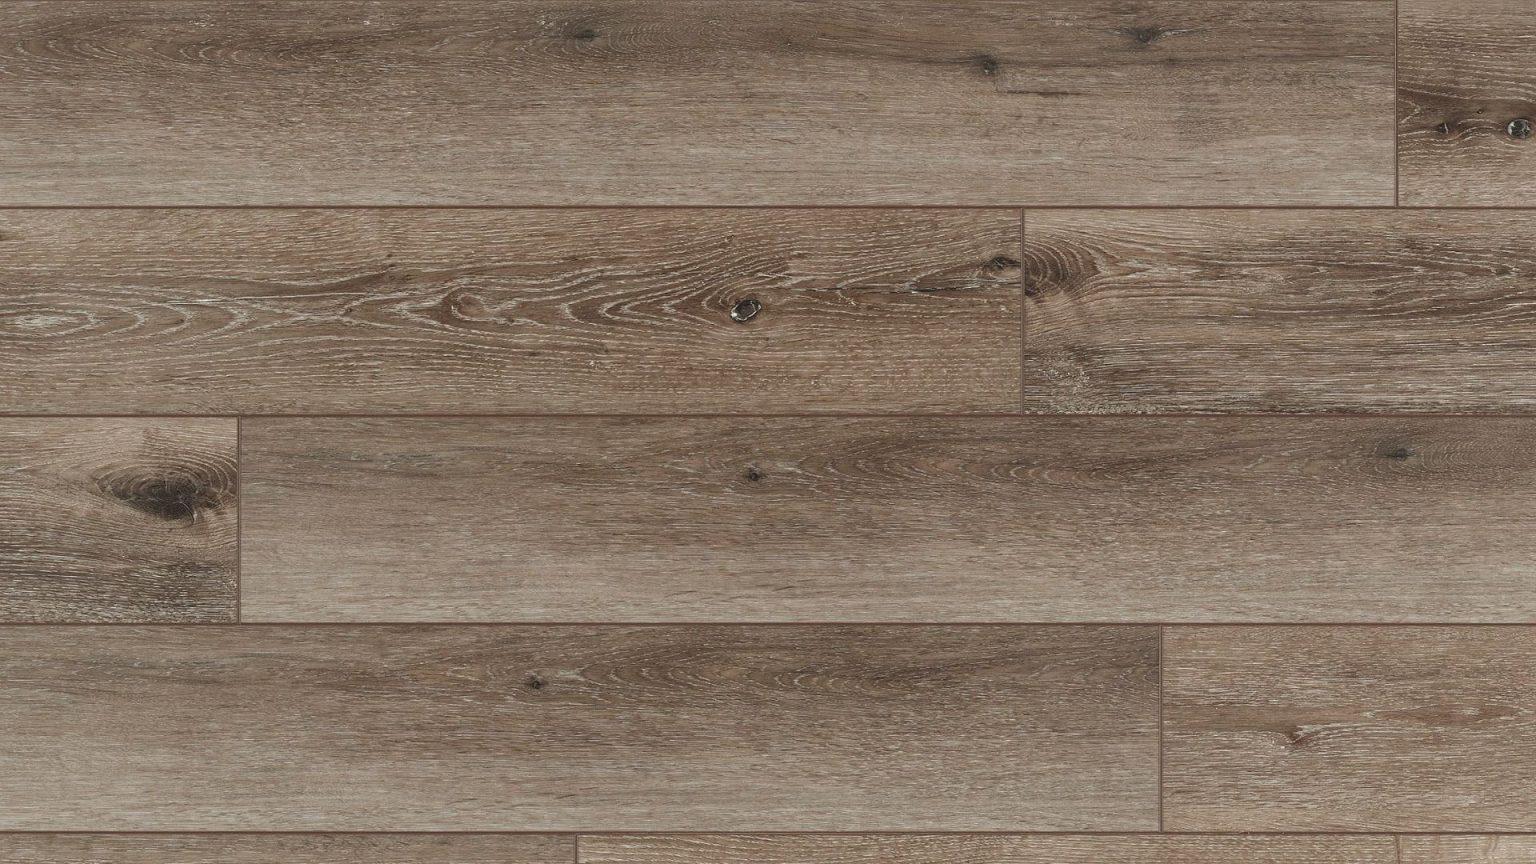 Halifax 50 LVRE 138 / COREtec® authentics wood